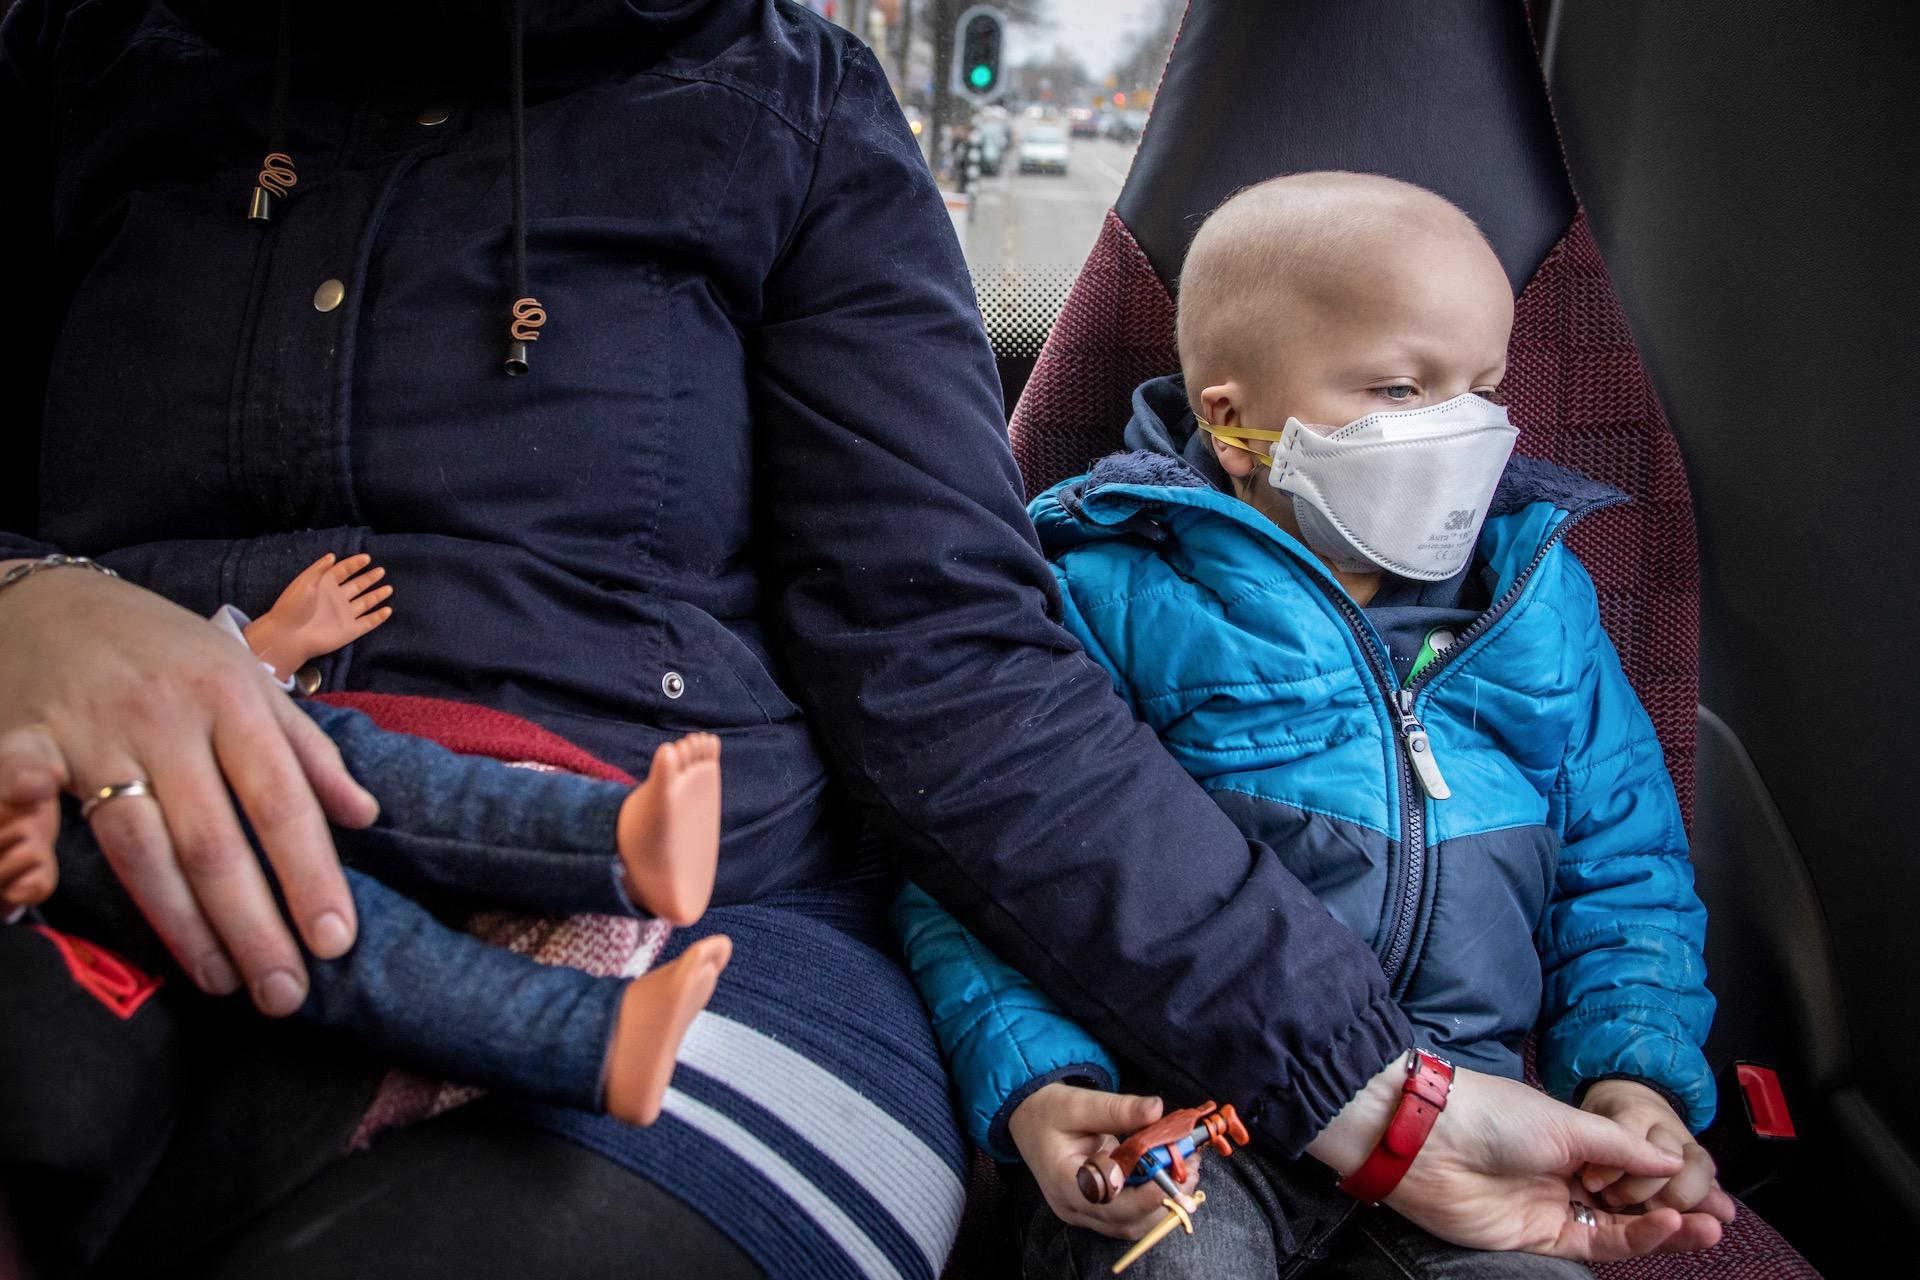 Robbin (5) reist met de bus naar het ziekenhuis voor een bezoek aan de tandarts. Omdat zijn weerstand zo laag is, mag hij niet vaak met de bus reizen. Als hij dat toch doet, moet hij een mondkapje op, omdat hij anders de kans loopt dat hij ziek wordt. Die verkoudheid die jij hebt, kan voor Robbin gevaarlijk zijn. Door leukemie is zijn dagelijks leven en alles wat vanzelfsprekend is, niet meer zo vanzelfsprekend.